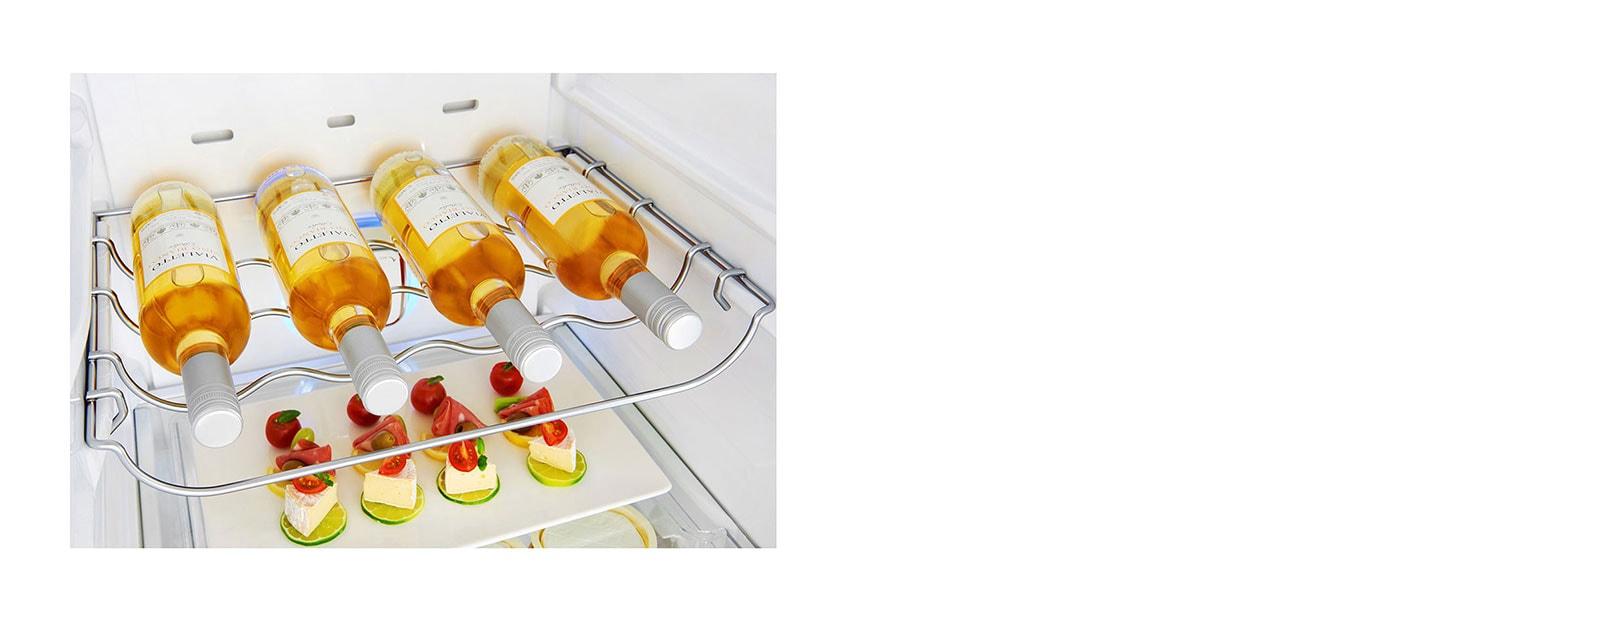 P-Veyron6-Refresh-InstaView-MatteBlackST-Nplumbing-05-Rack-D-v1